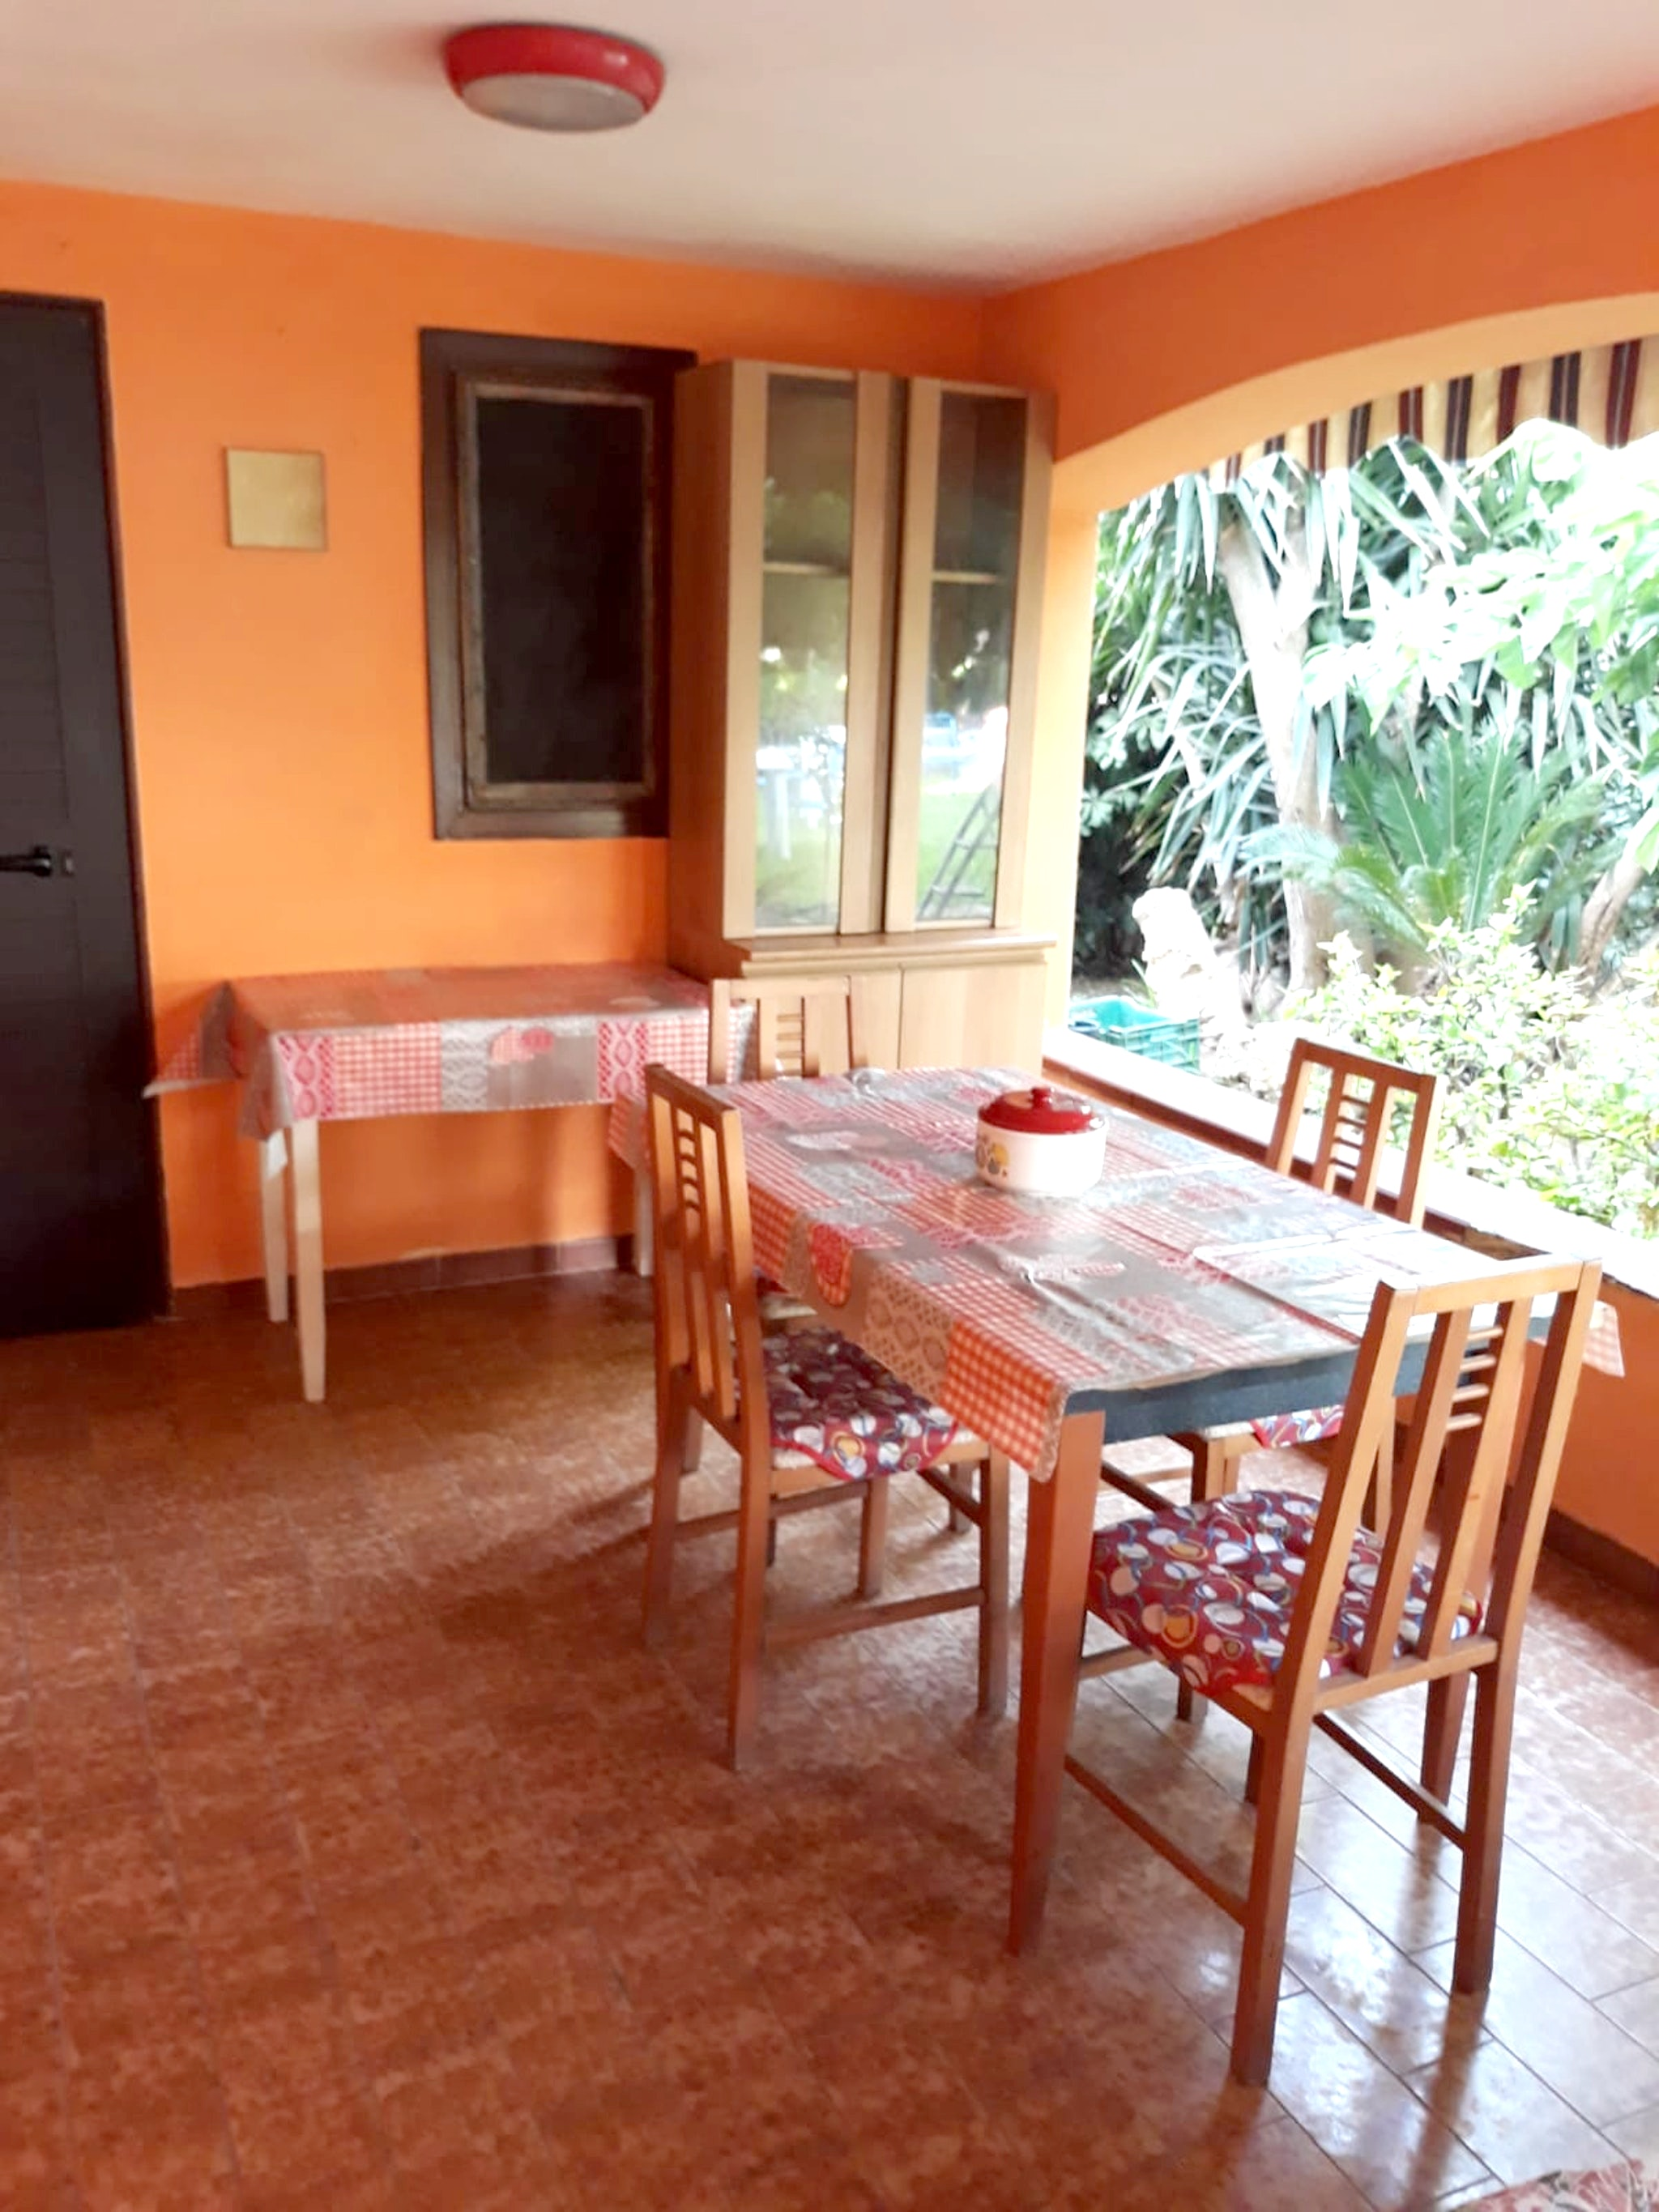 Appartement de vacances Wohnung mit 2 Schlafzimmern in Cicirata mit herrlichem Meerblick, Pool, eingezäuntem Garte (2339675), Avola, Siracusa, Sicile, Italie, image 48